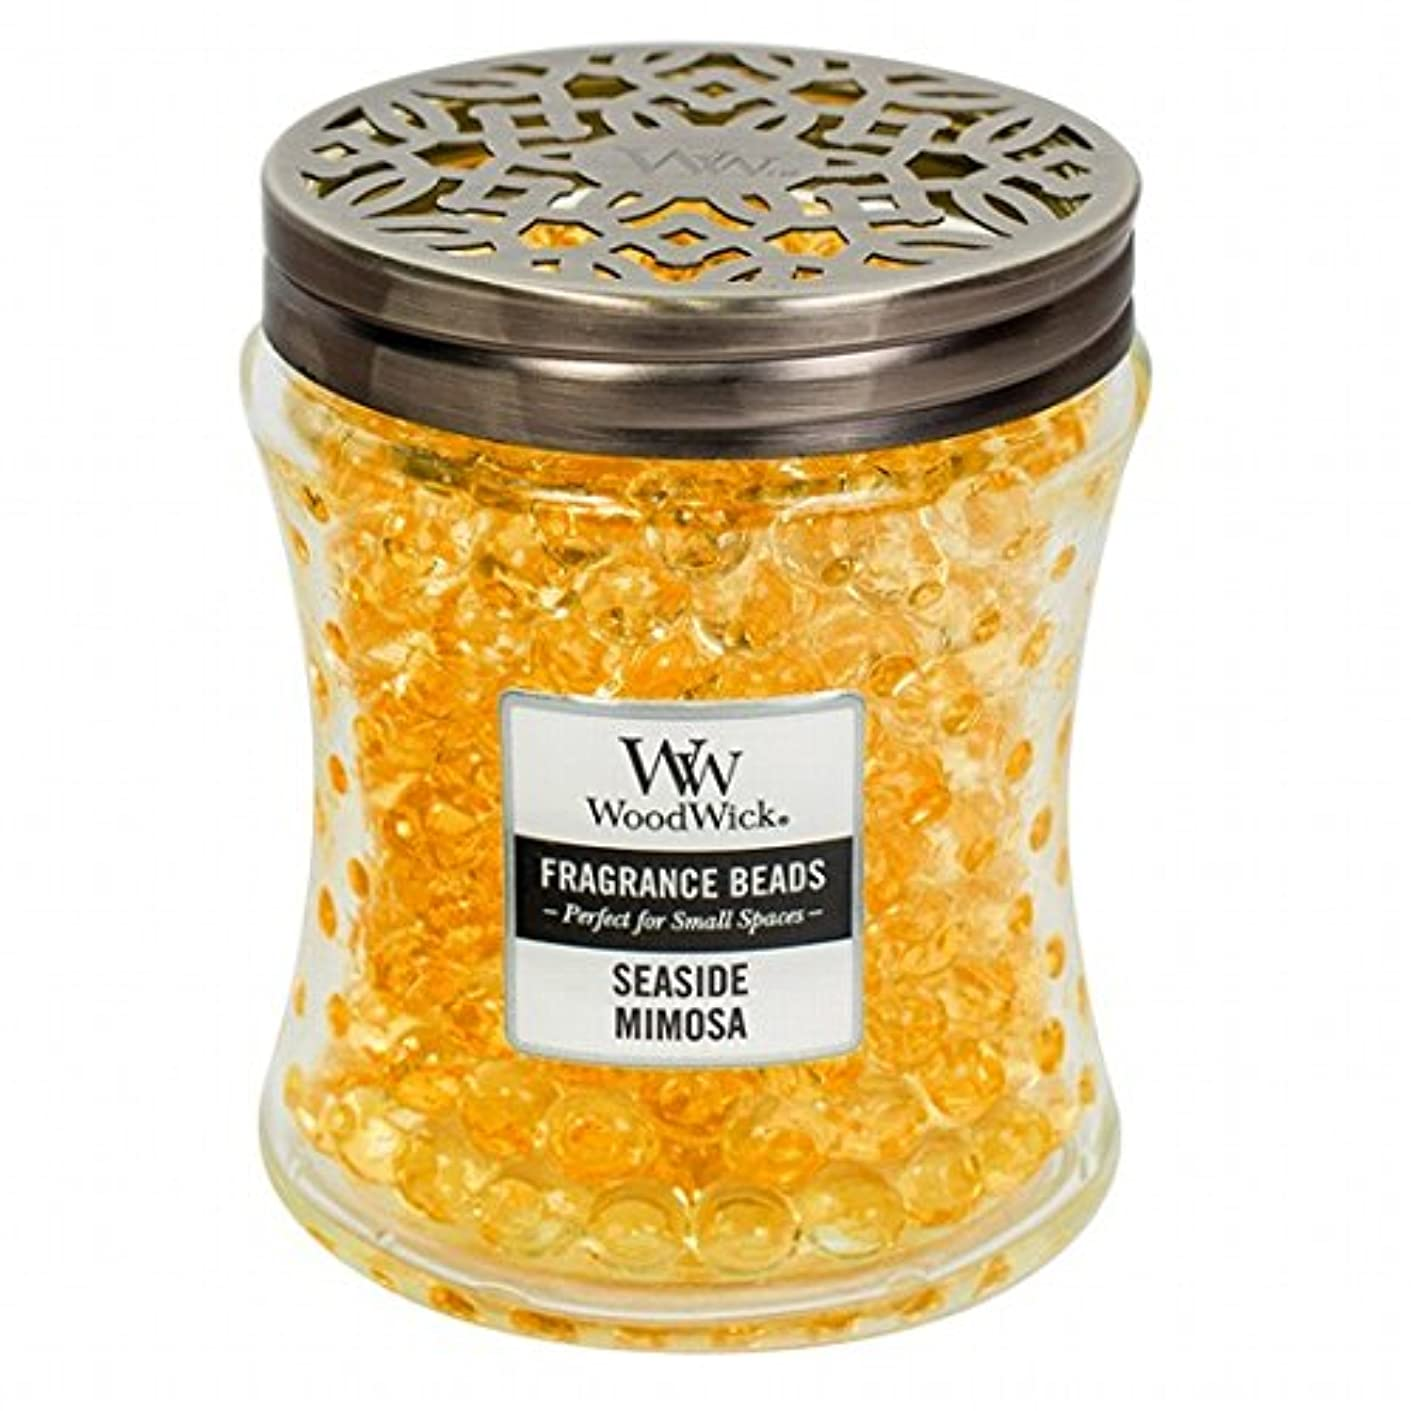 叱るロープ性差別WoodWick(ウッドウィック) Wood Wickフレグランスビーズ 「 シーサイドミモザ 」W9620539(W9620539)